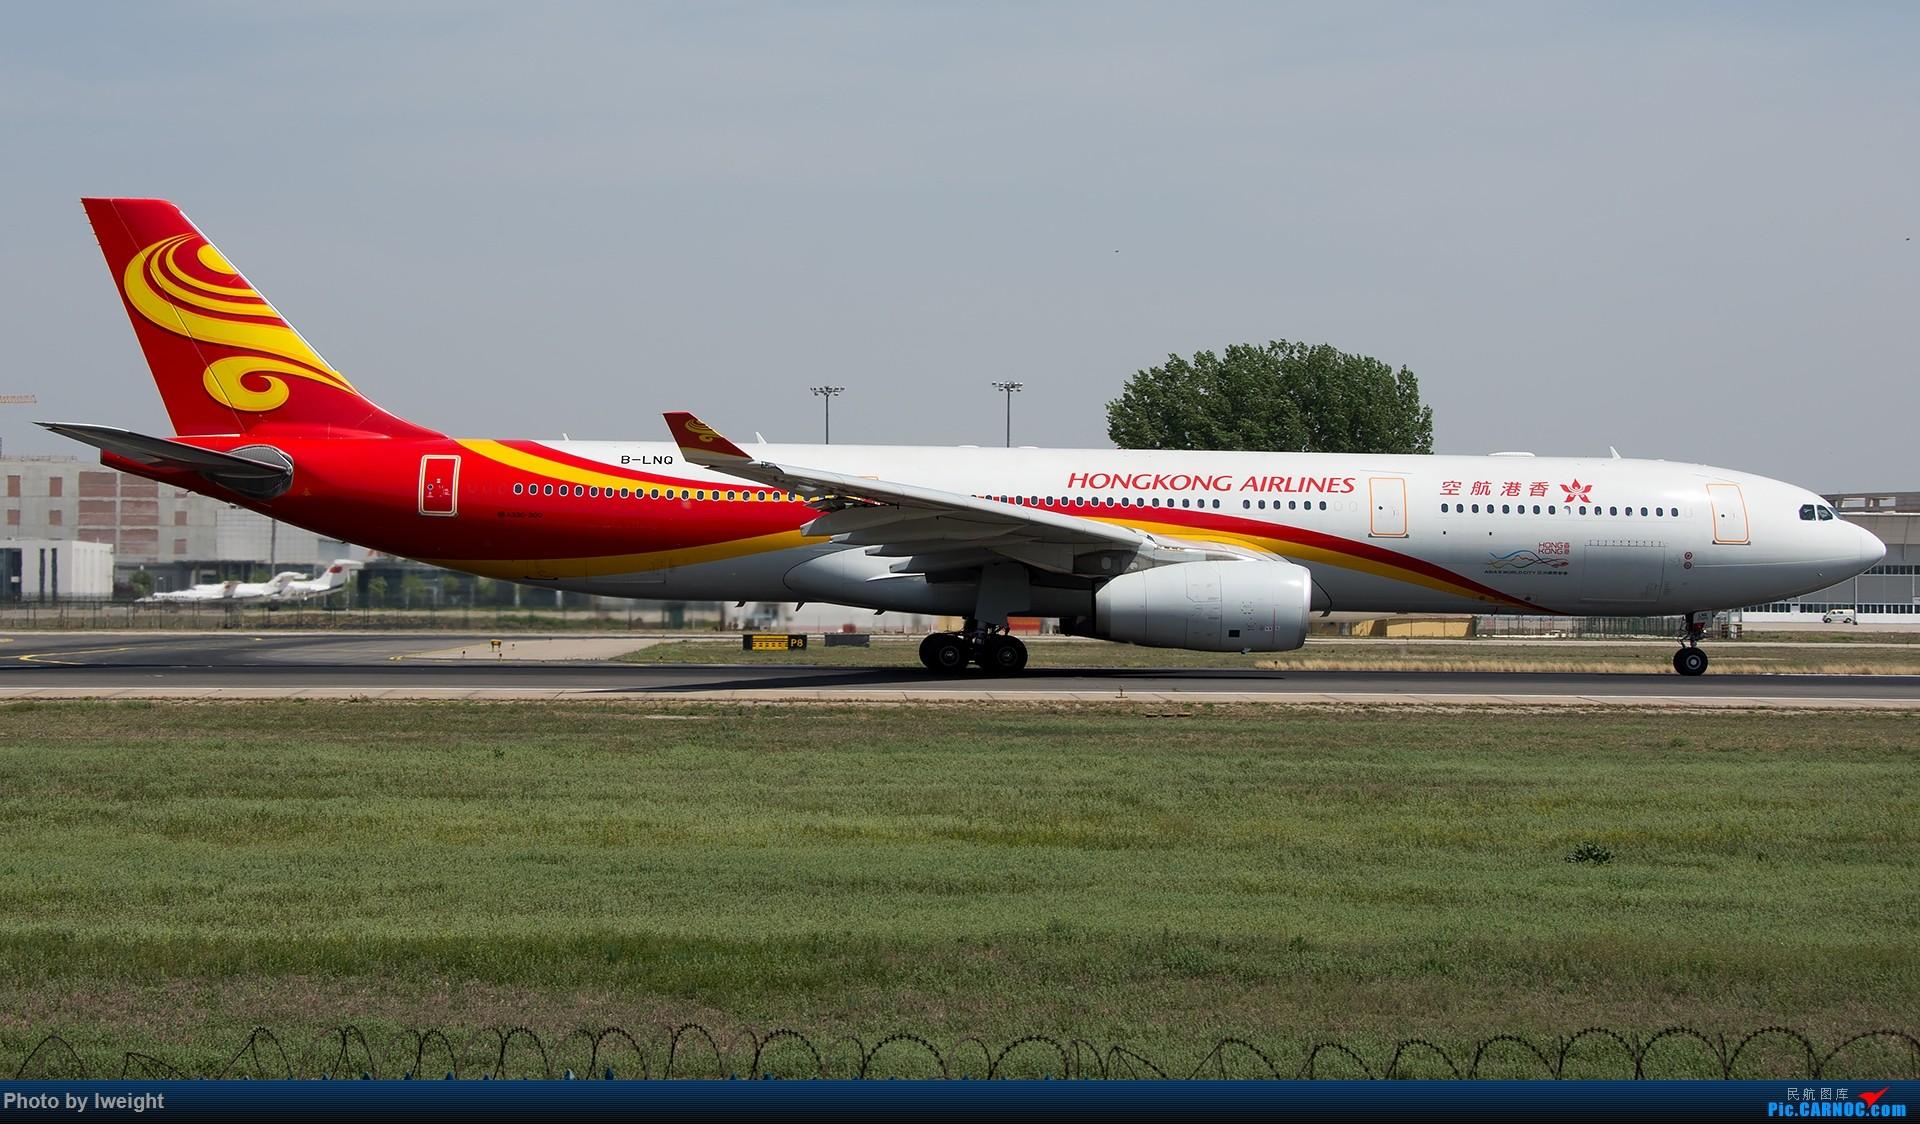 Re:[原创]天气晴朗,继续守候18R【多图】 AIRBUS A330-300 B-LNQ 中国北京首都国际机场